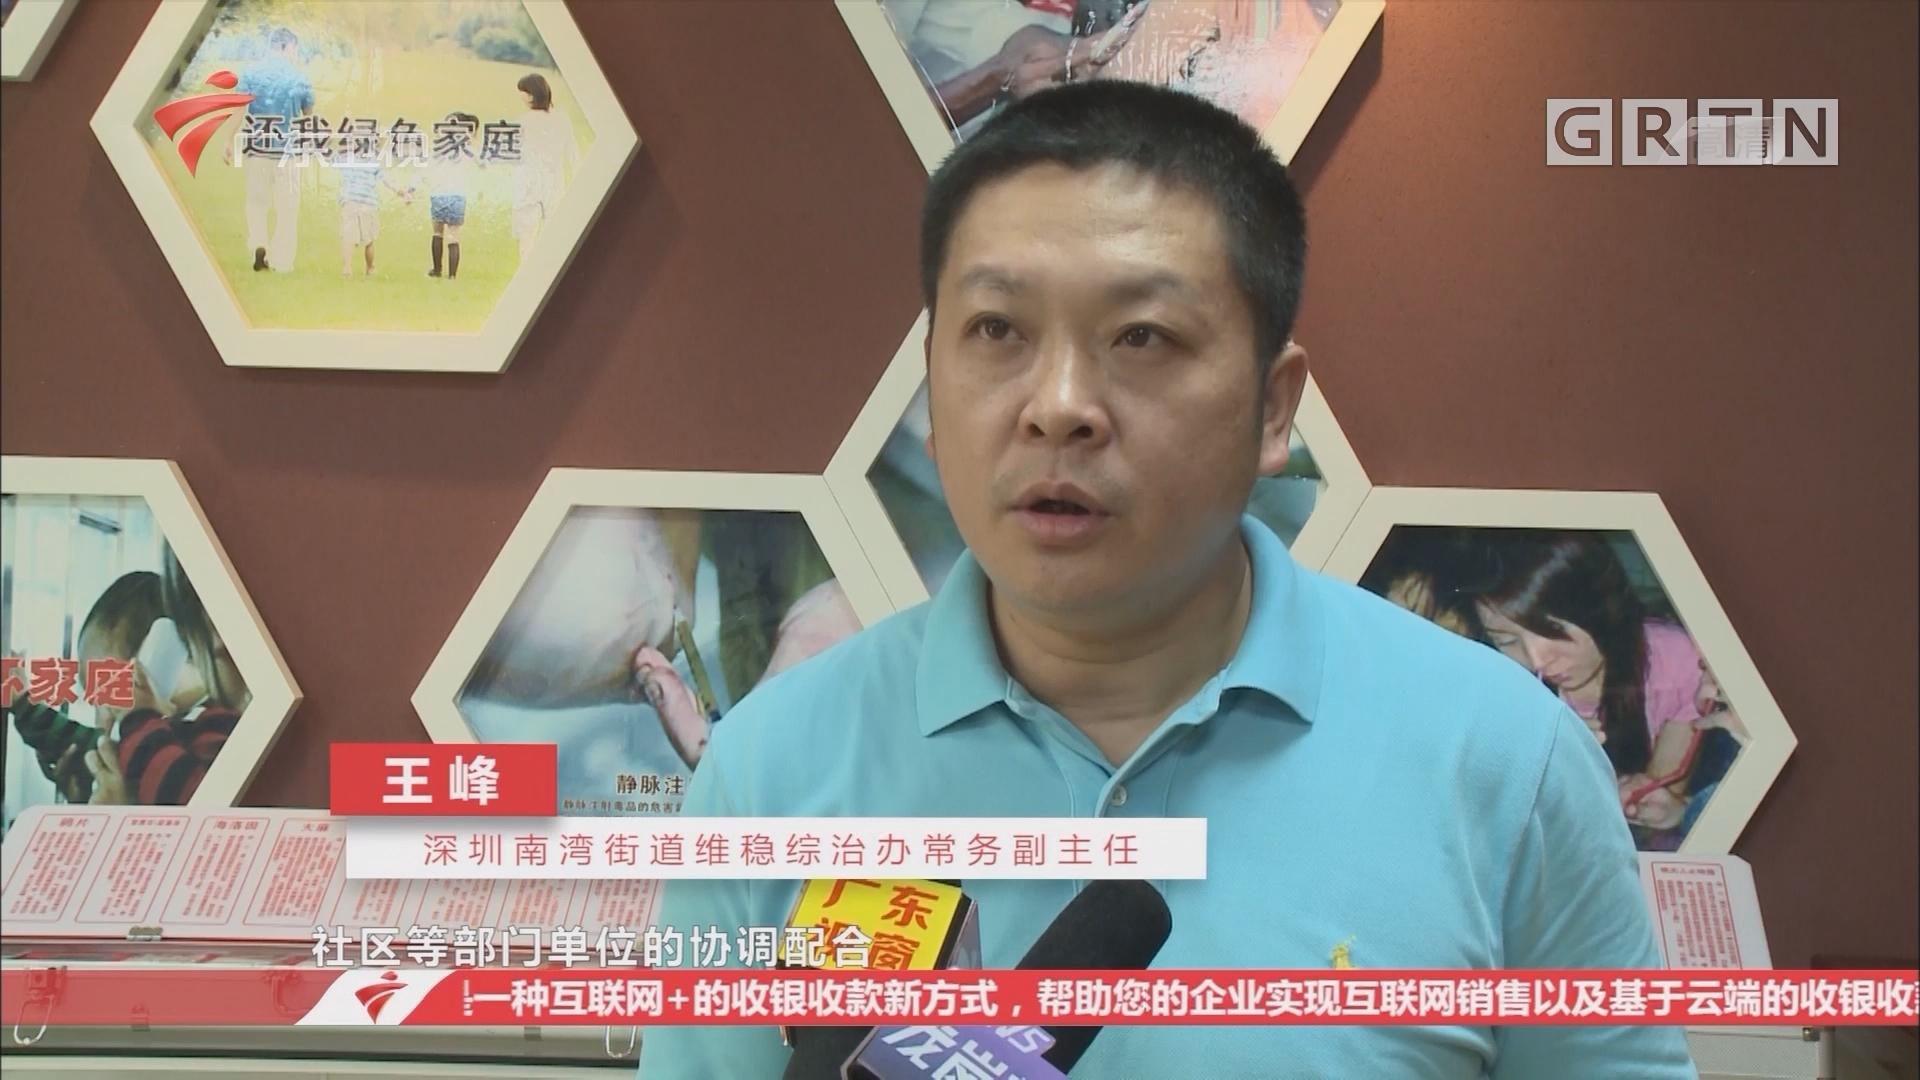 深圳:南湾街道获评省级社区戒毒社区康复示范点